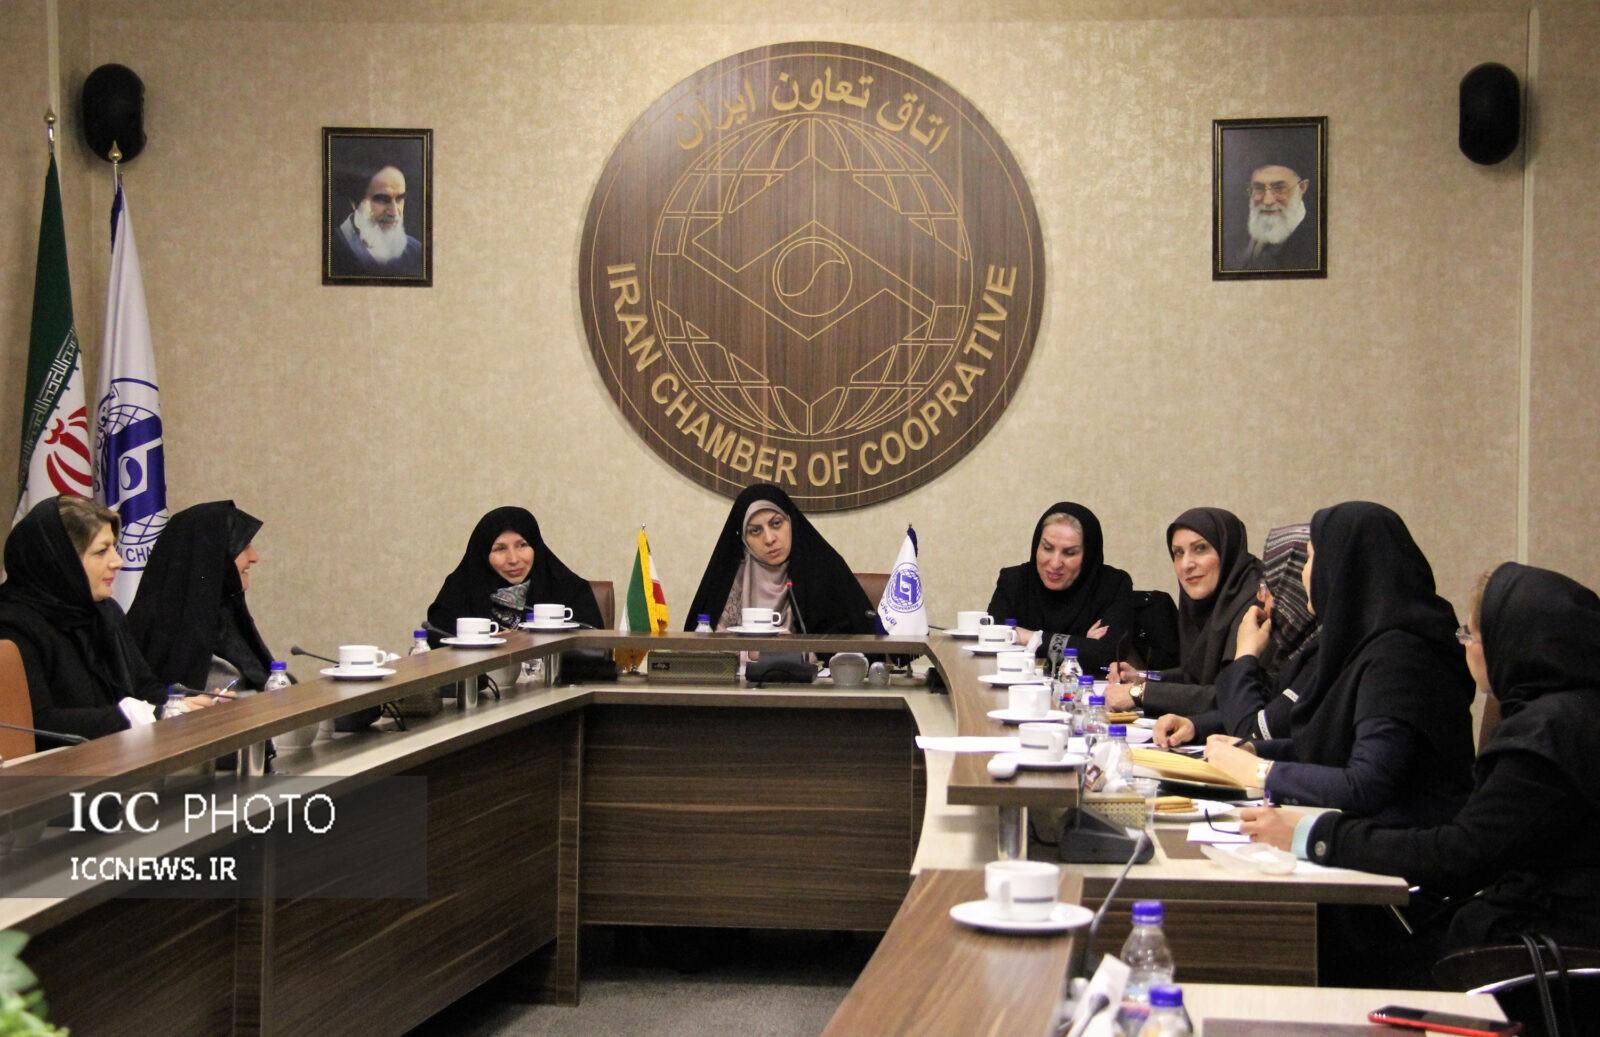 سی و چهارمین کمیسیون بانوان اتاق تعاون 4مصوبه داشت